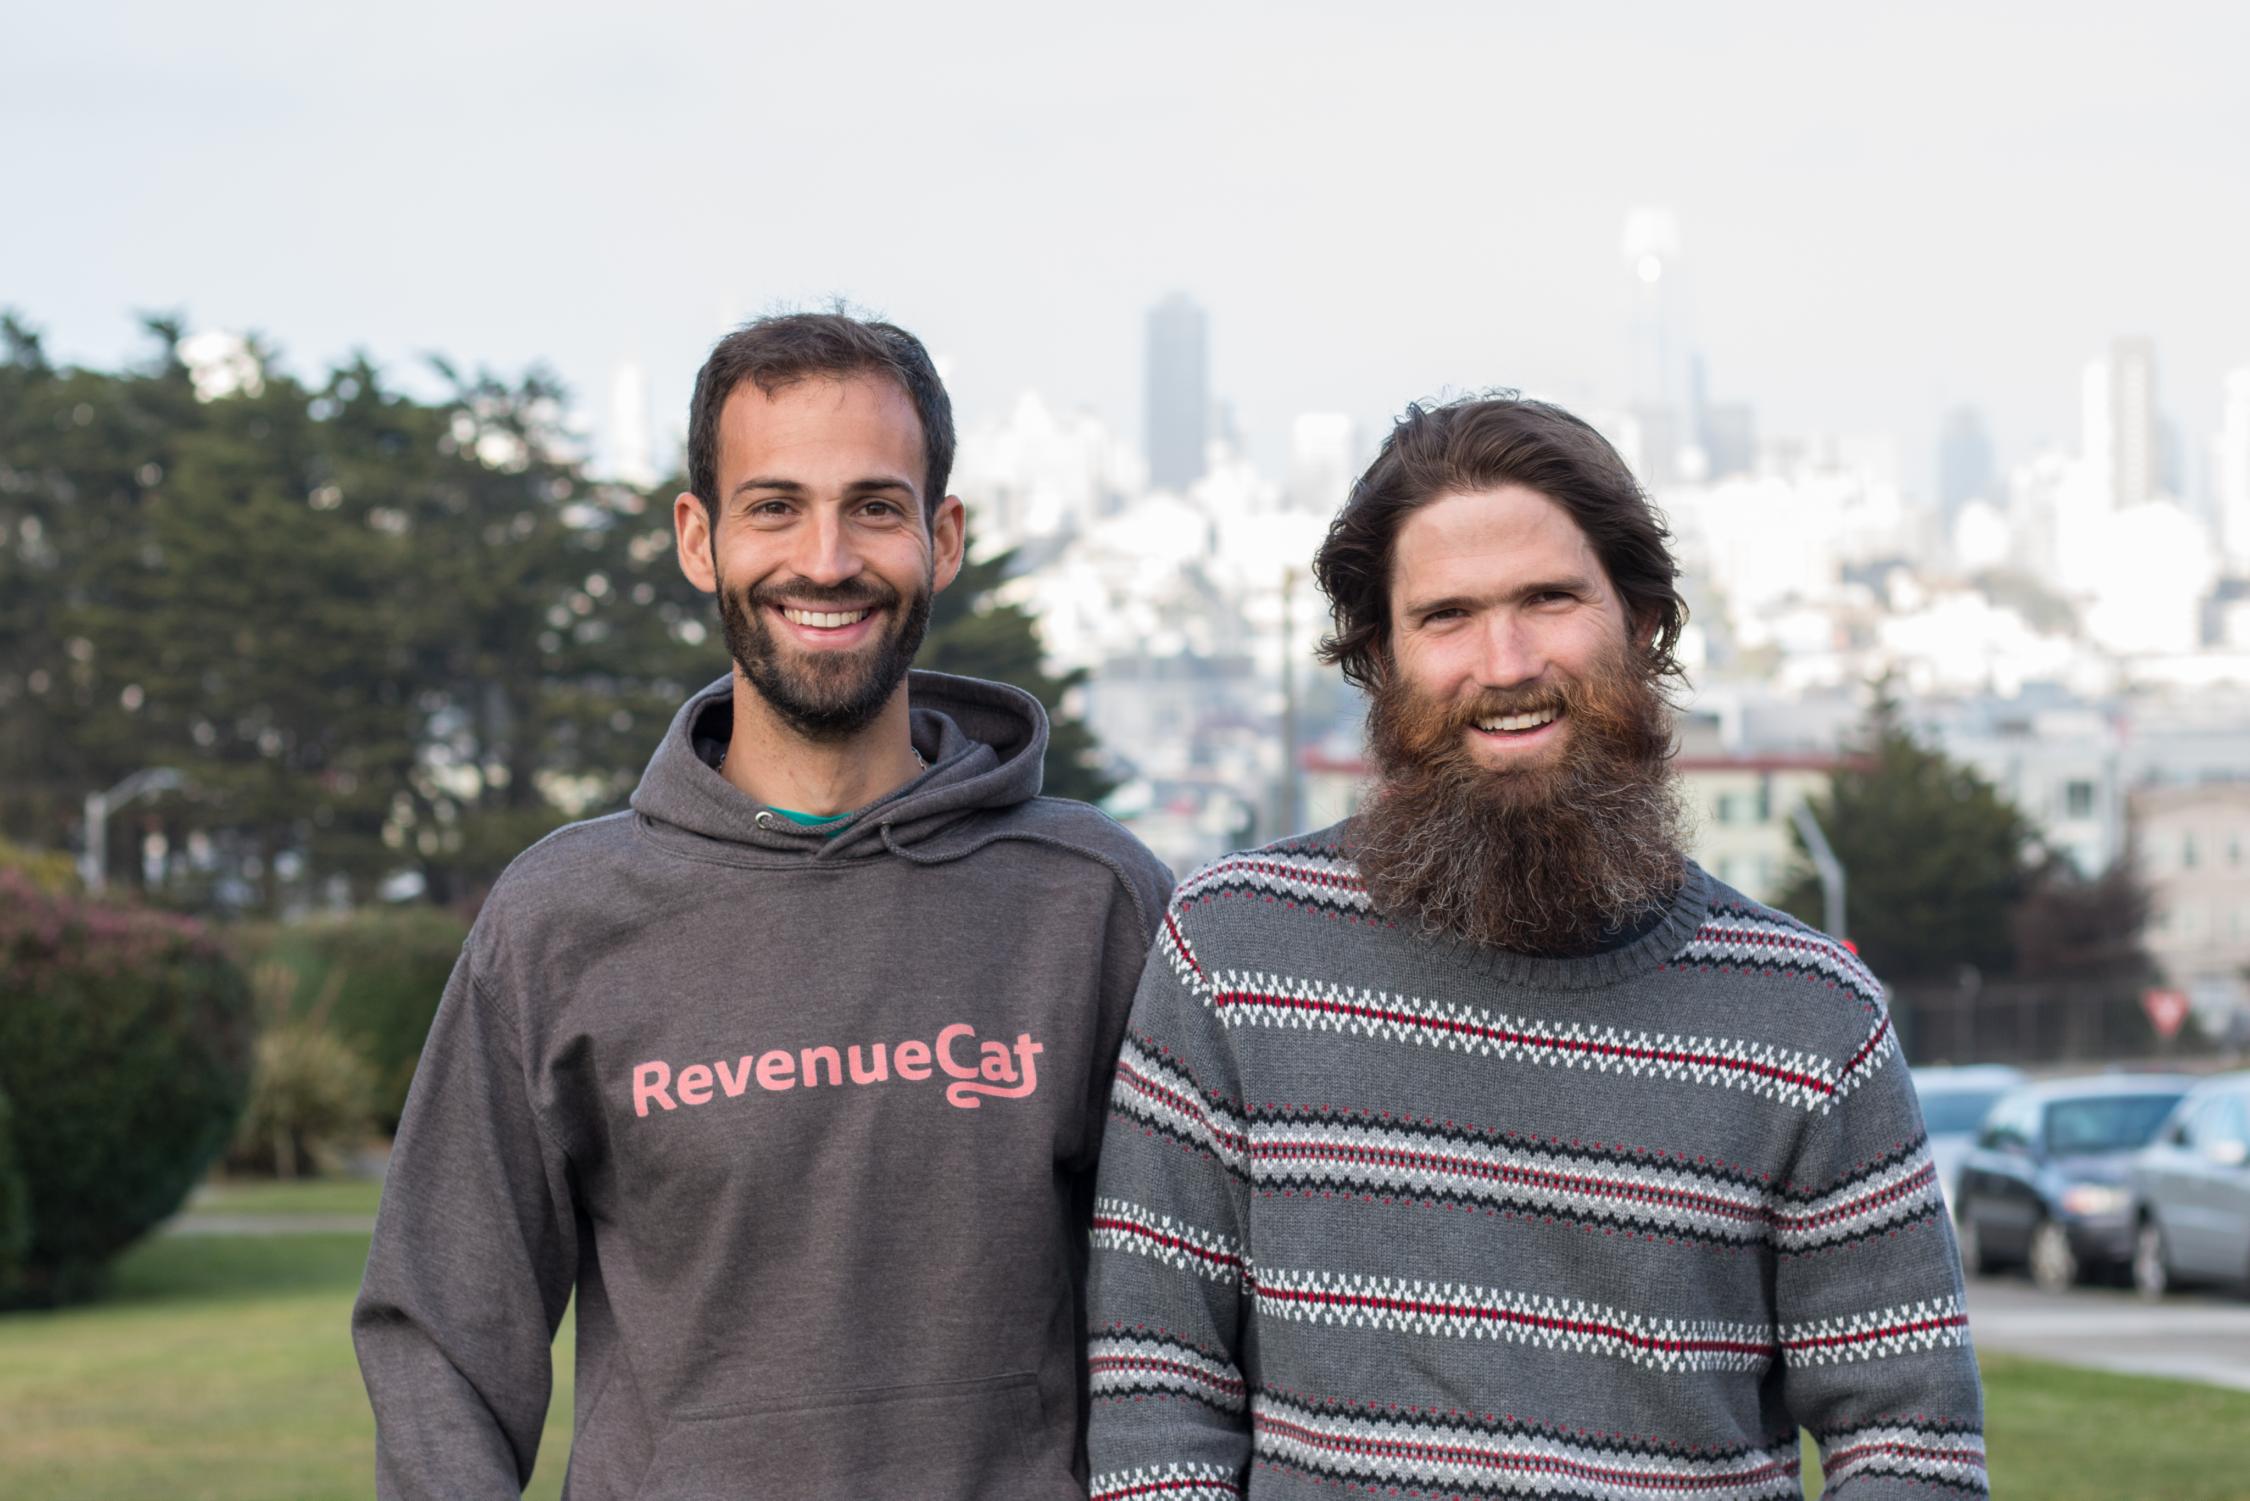 Miguel Carranza, talento sevillano en Silicon Valley al frente de RevenueCat